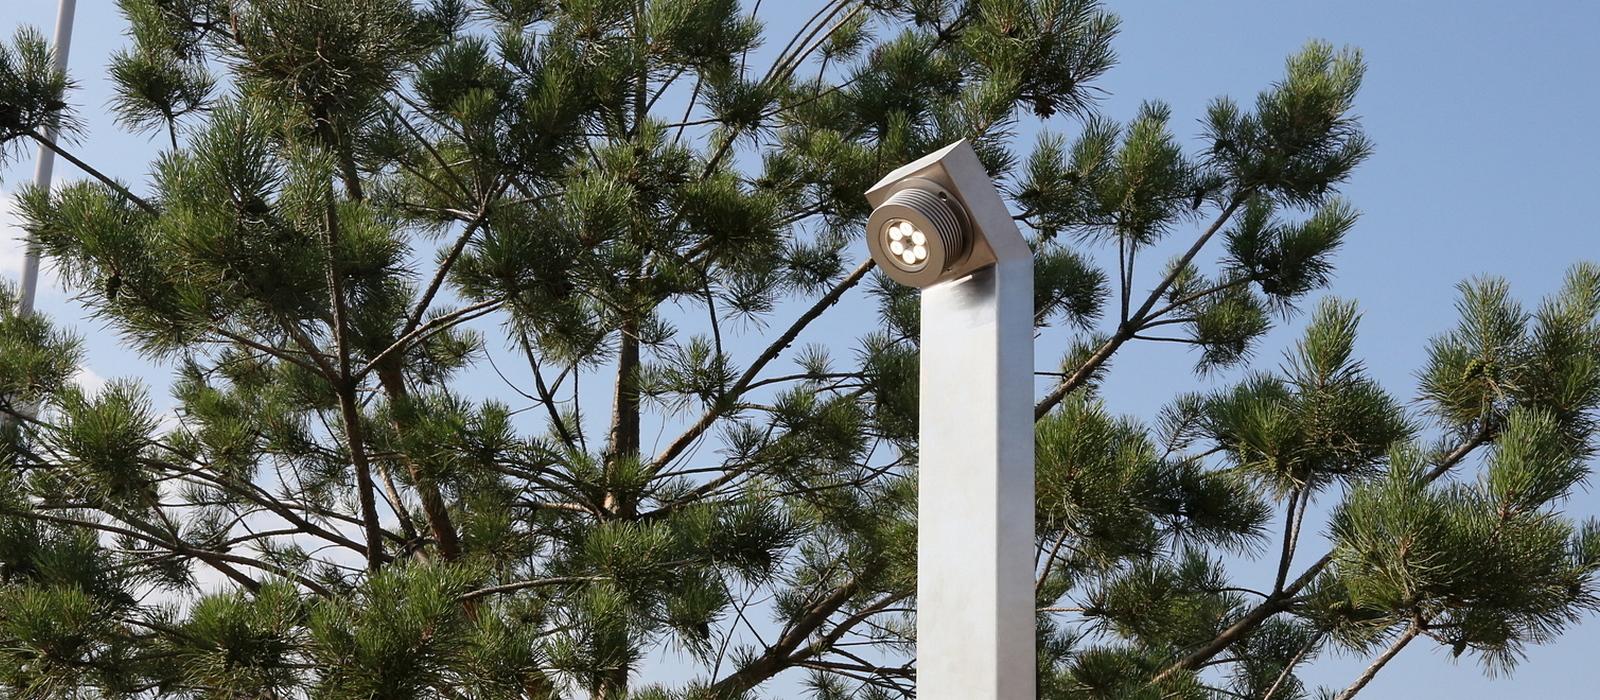 Светодиодная опора освещения TRIF на заказ